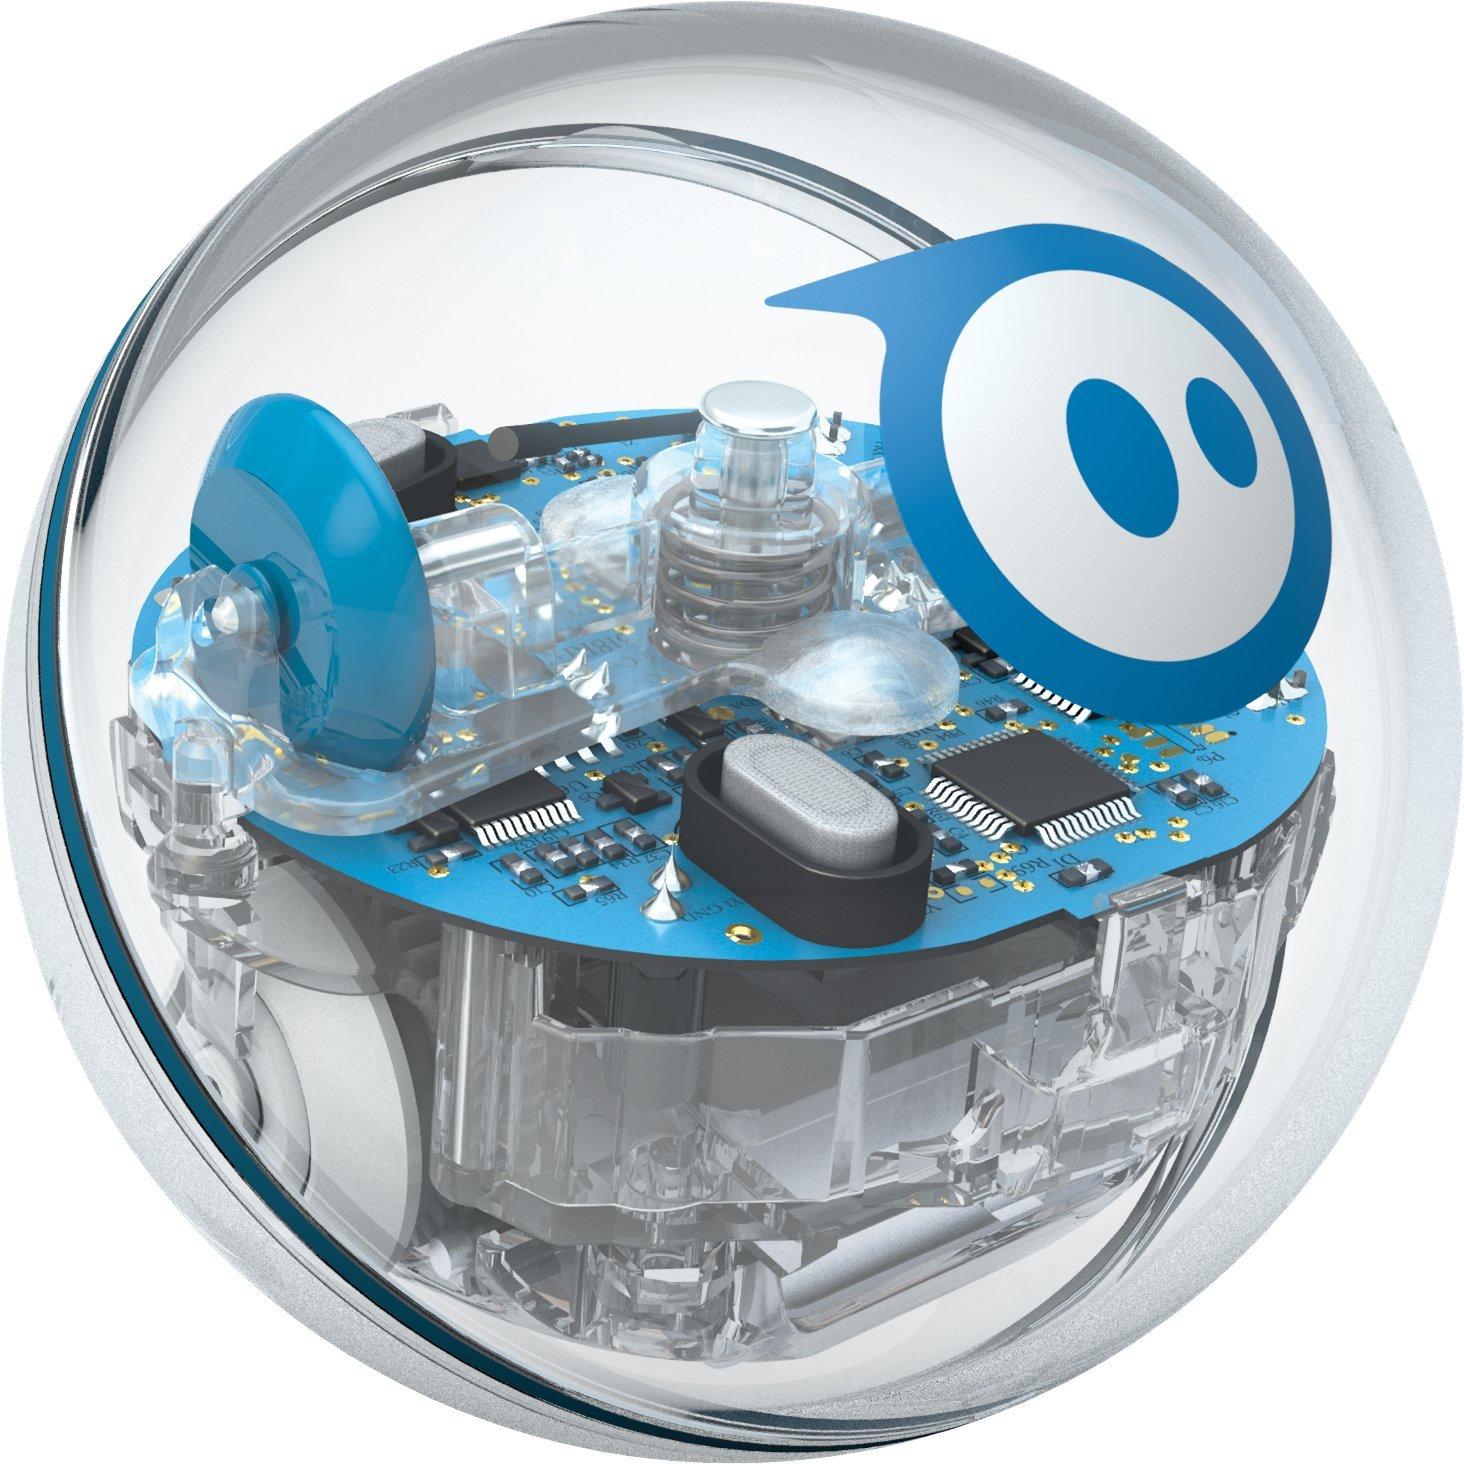 Image result for sphero